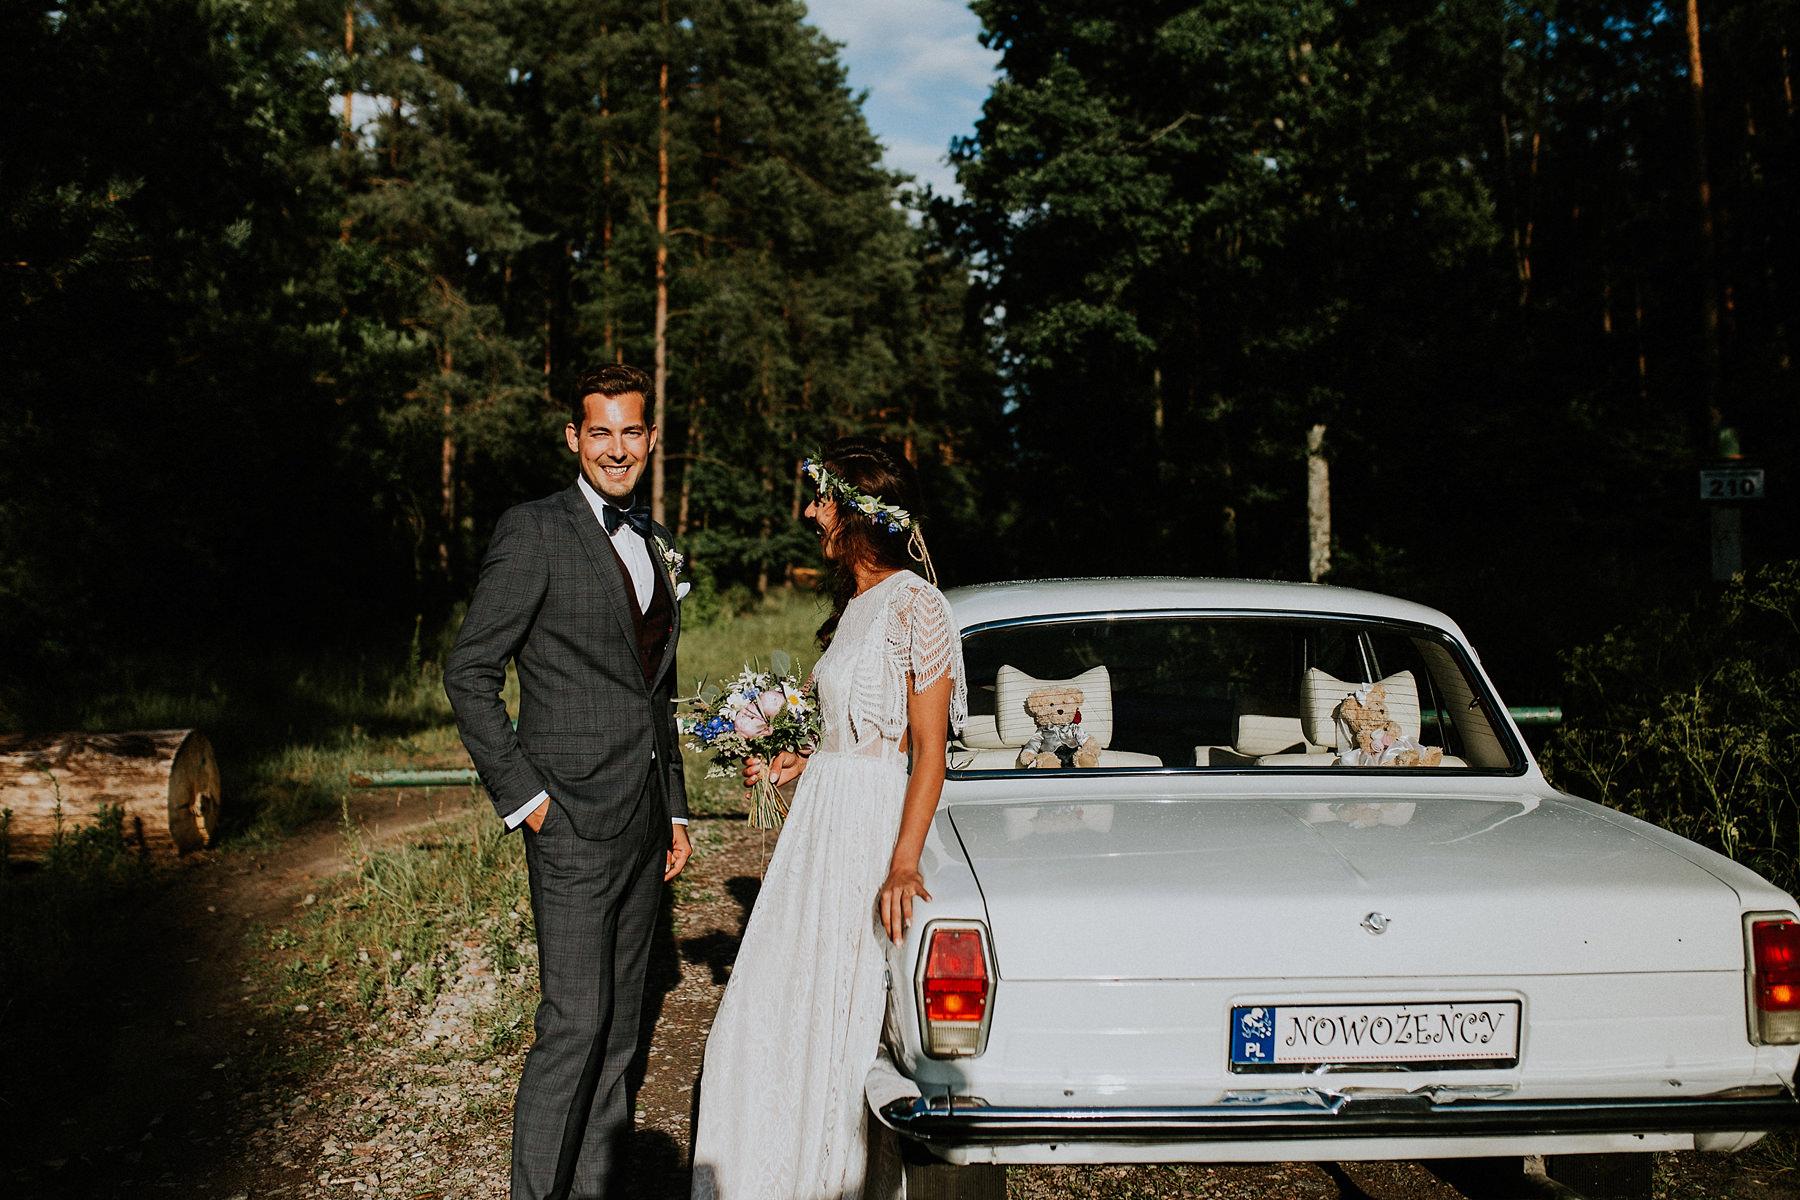 205 boho wesele krakow kozienice radom tawerna stawiska Jedlnia Letnisko garbatka slub fotograf karol nycz photography poland